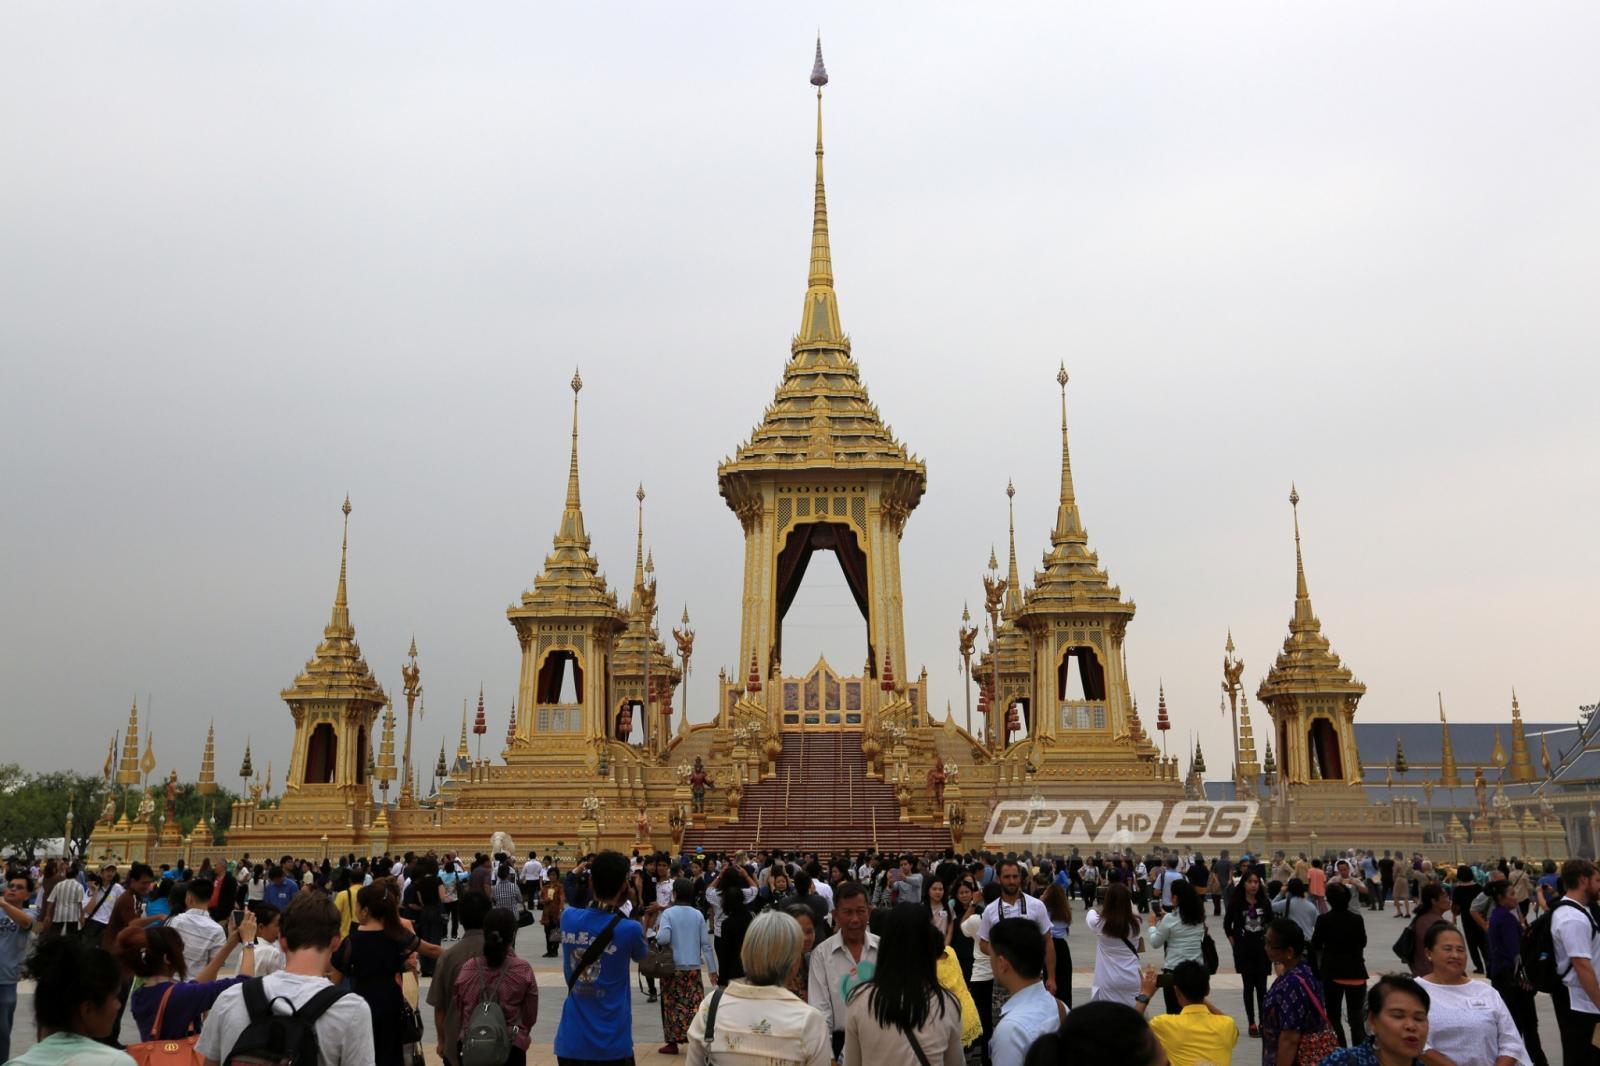 เผยยอดประชาชนกว่า 3.3 ล้านคน เข้าชมนิทรรศการพระเมรุมาศ